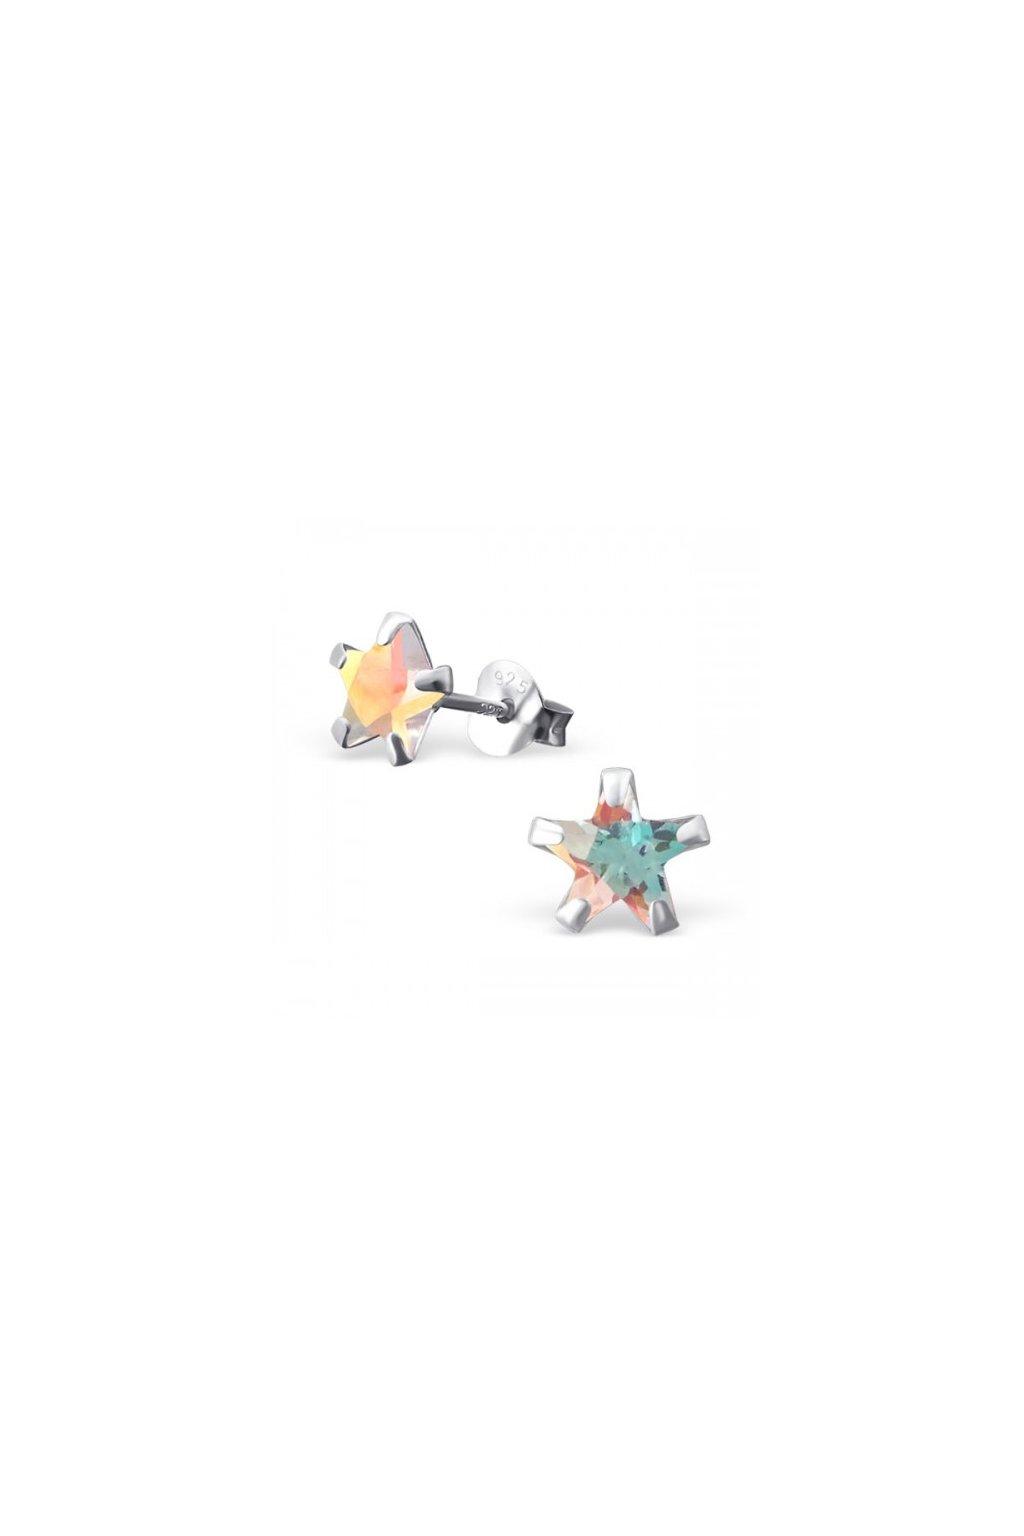 Strieborné náušnice hviezdy - 925 ab cz kryštál MS9526